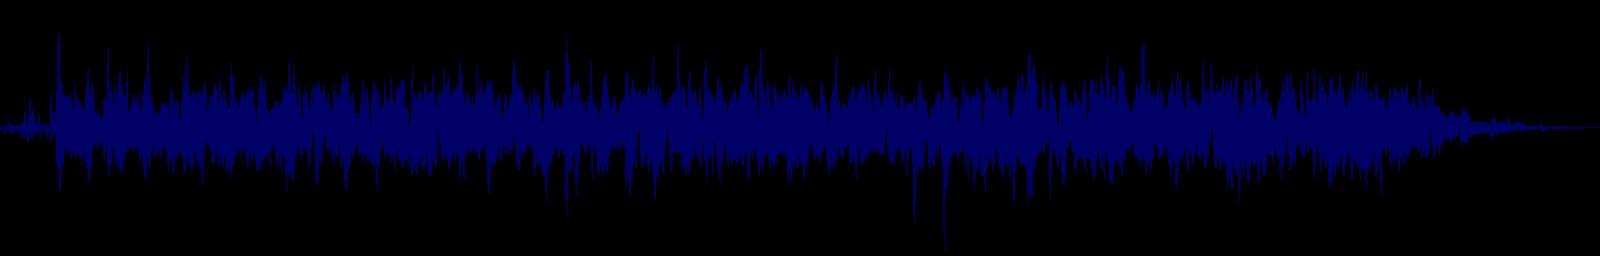 waveform of track #113009